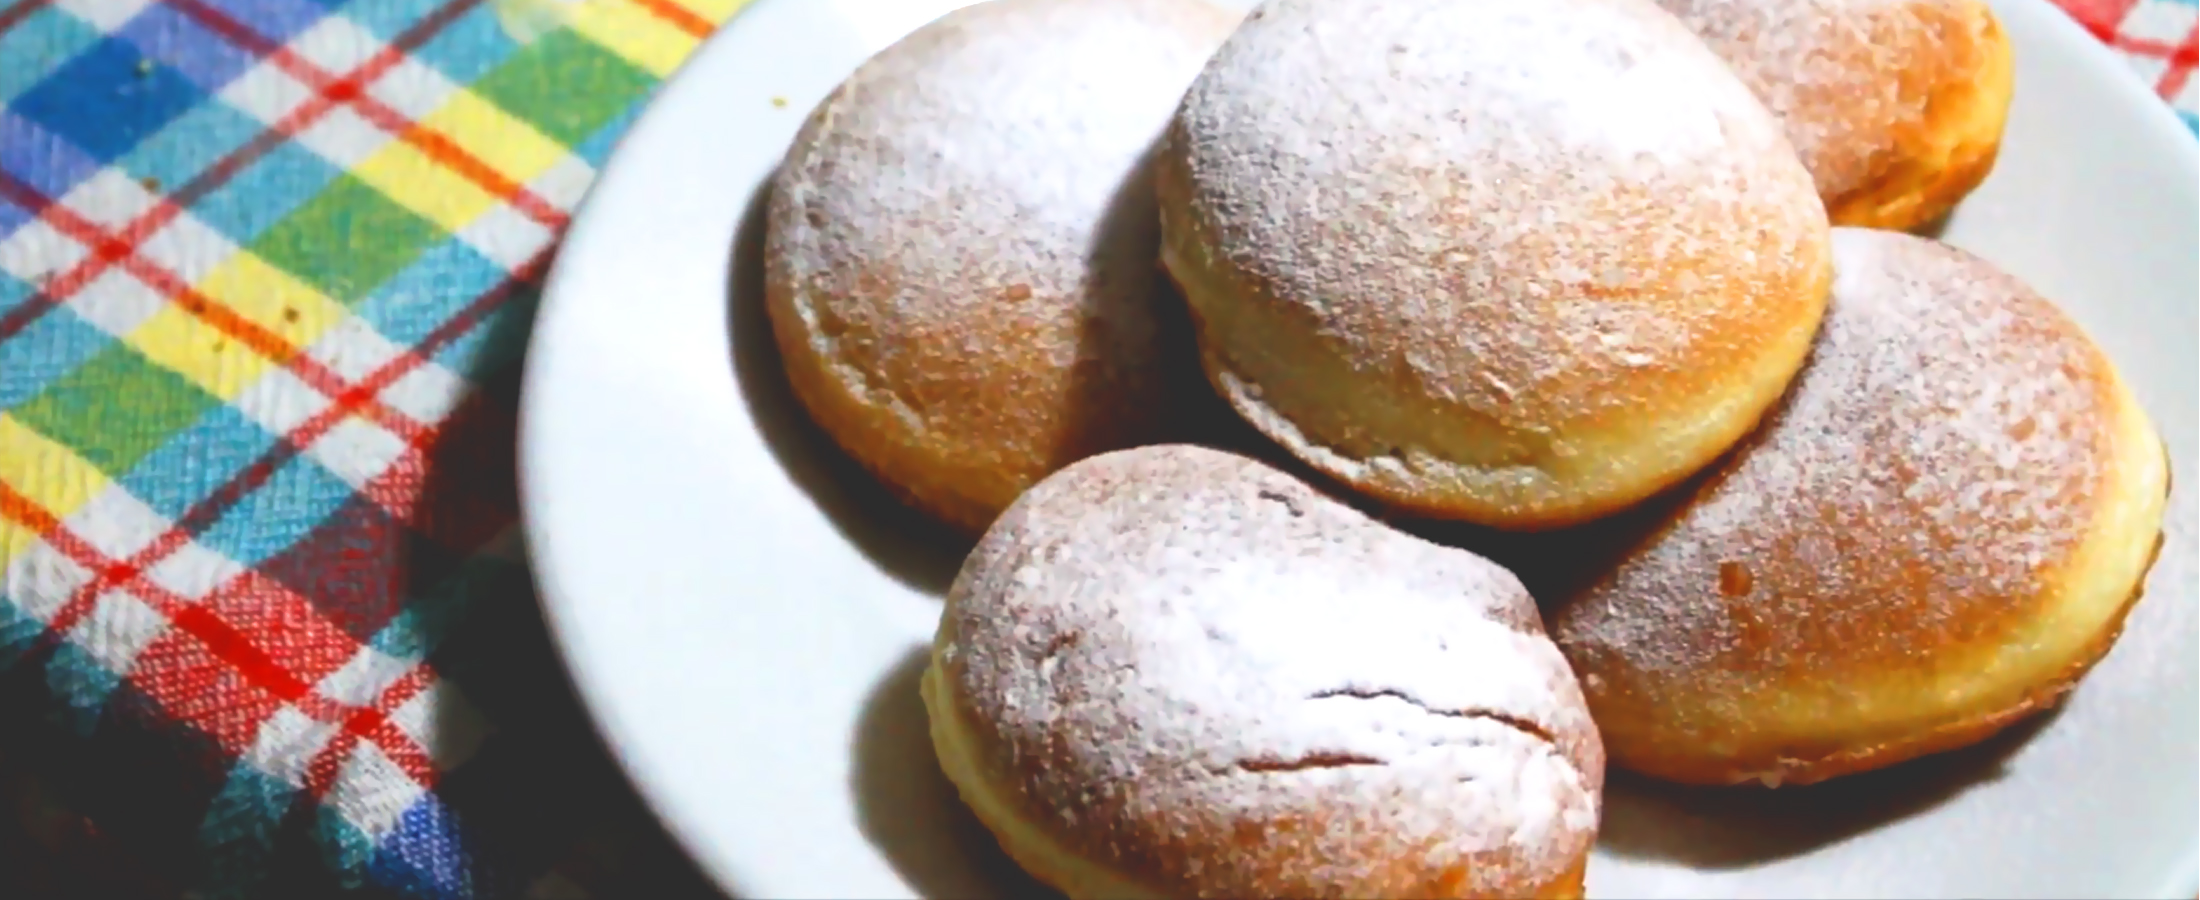 Krapfen Alla Crema Pasticcera Gnamit Food Tasty Il Nuovo Portale